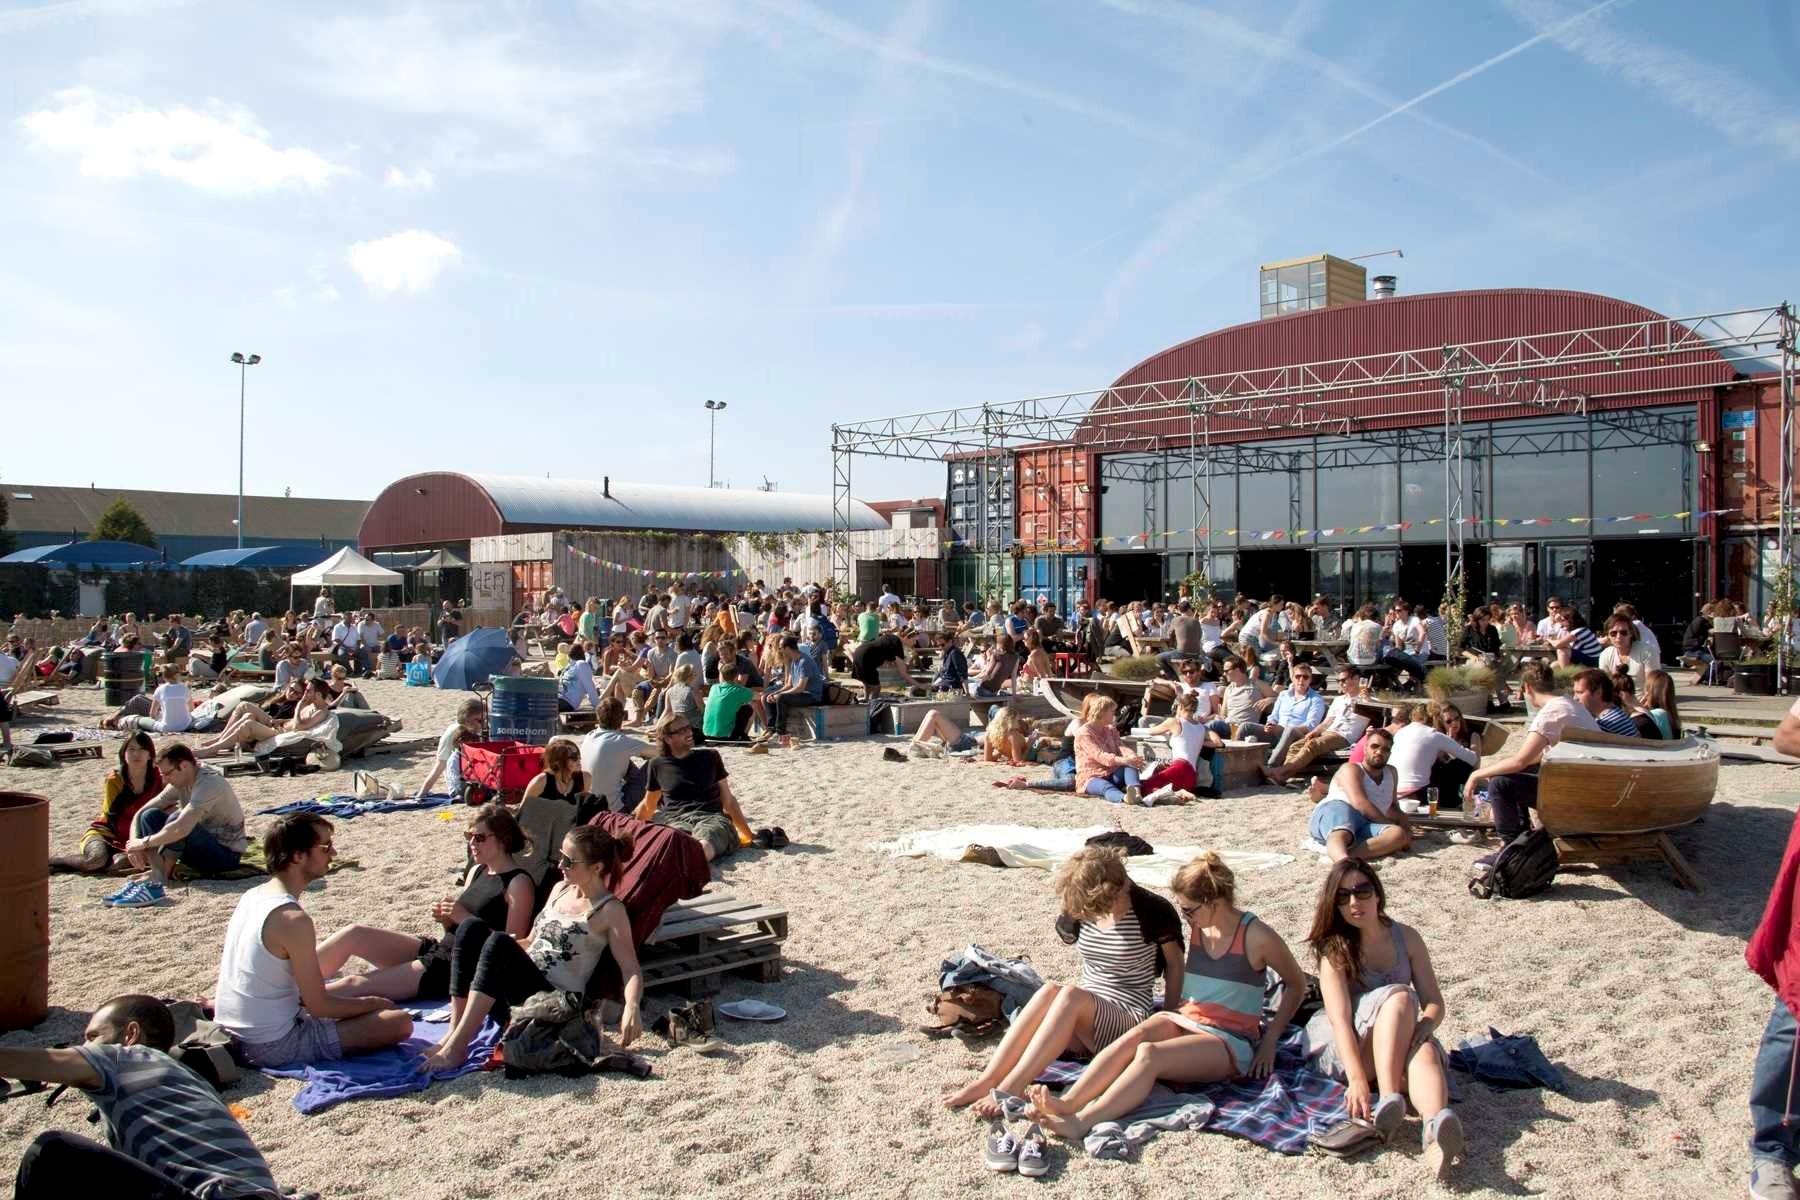 TOP : Pllek, manger dans un conteneur à Amsterdam